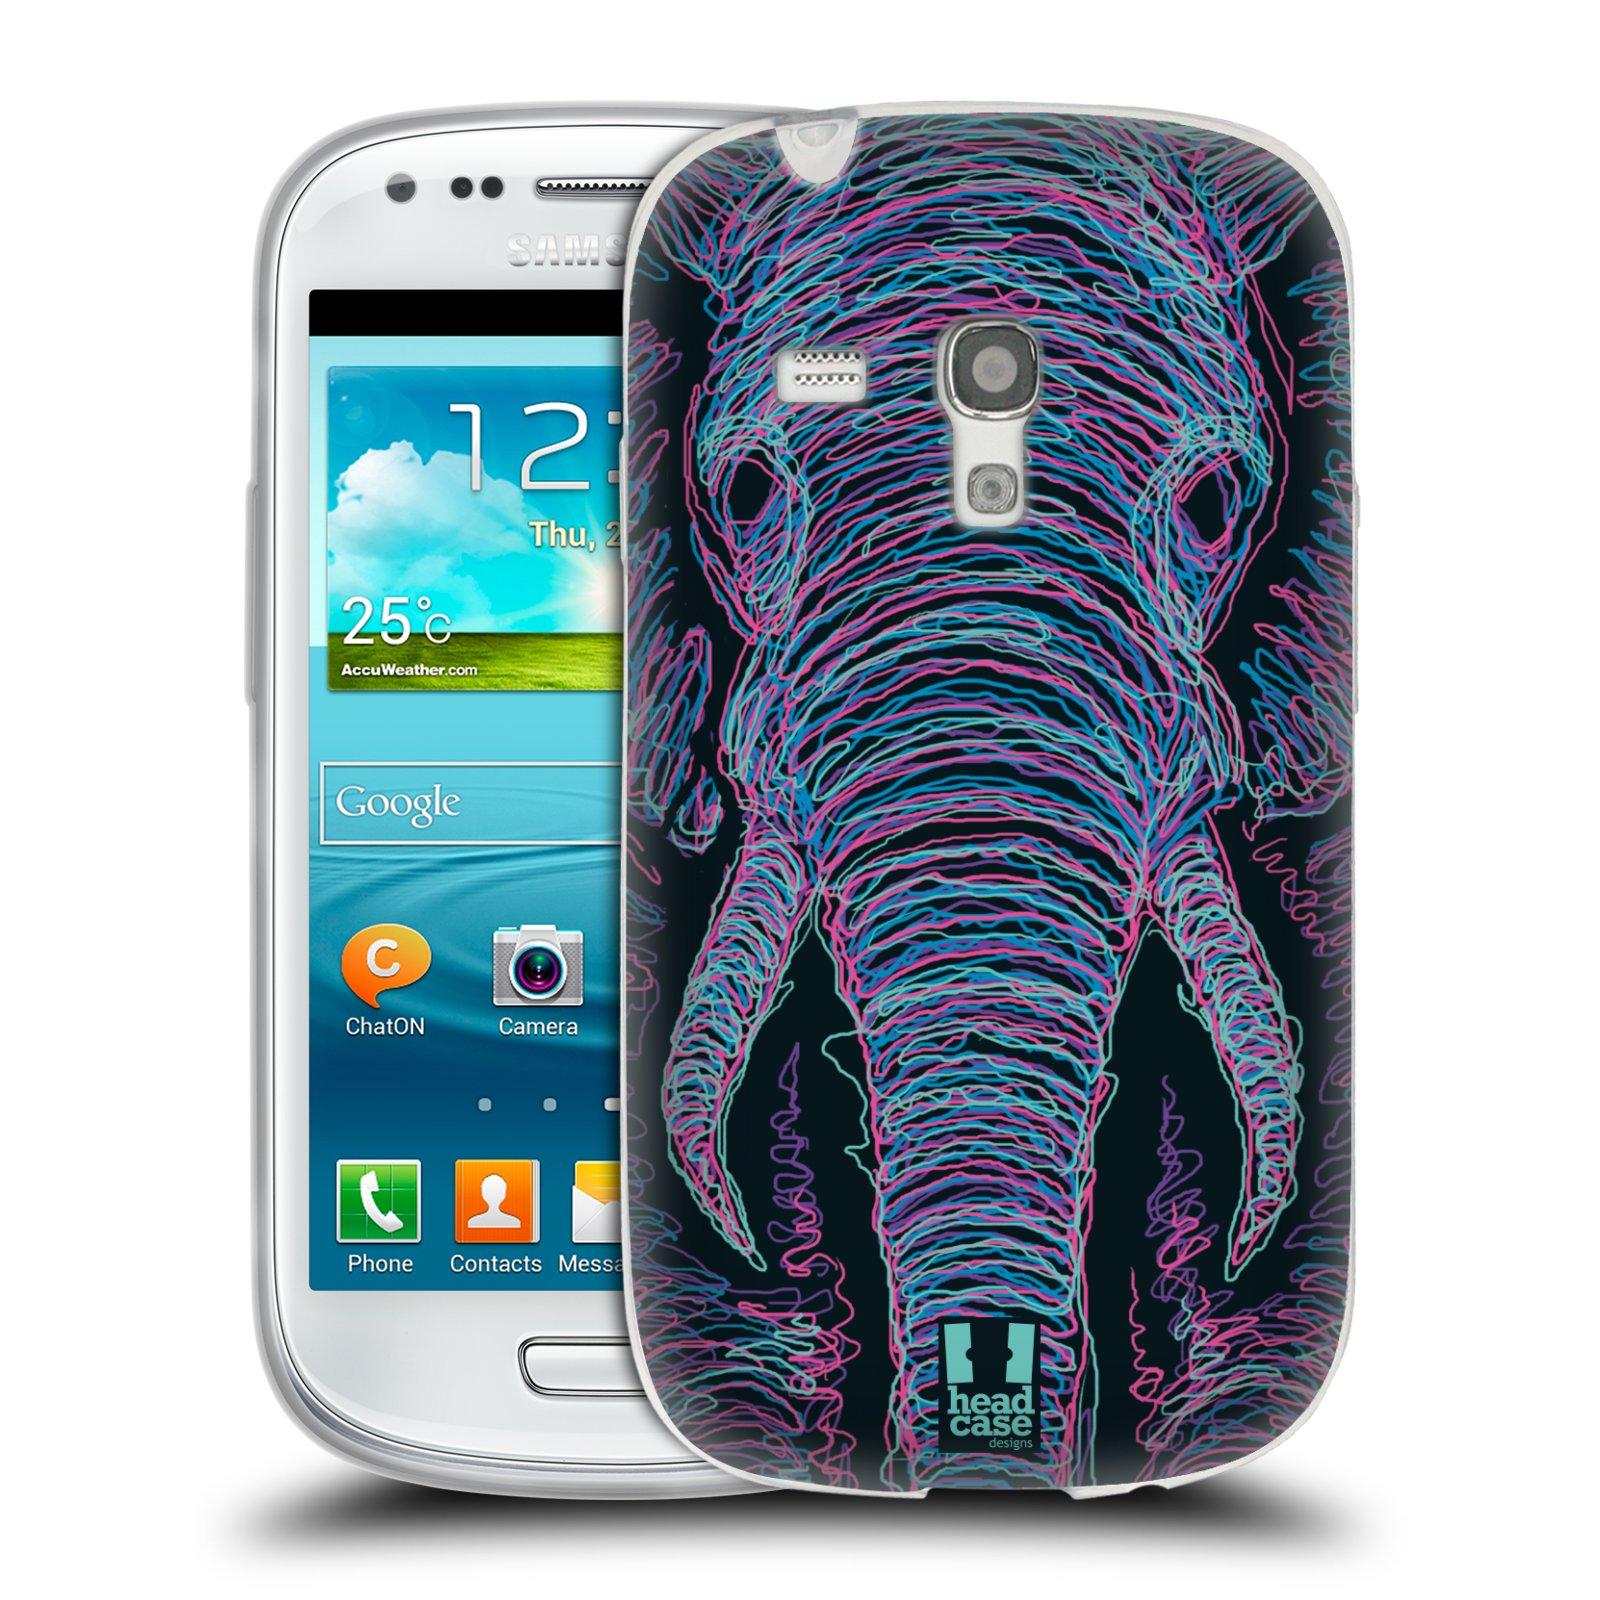 HEAD CASE silikonový obal na mobil Samsung Galaxy S3 MINI i8190 vzor zvíře čmáranice slon